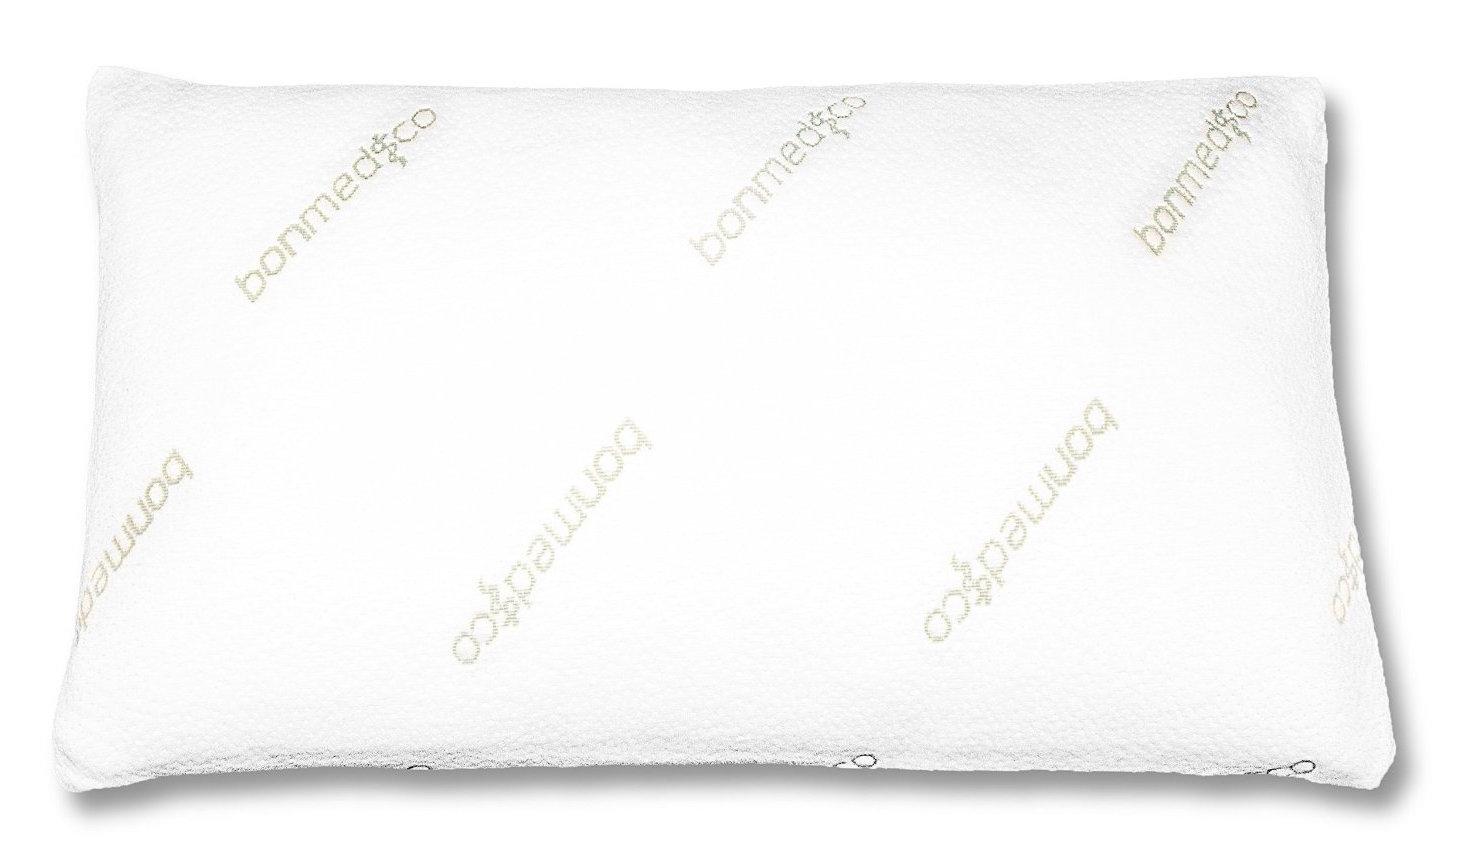 bonmedico-pillow